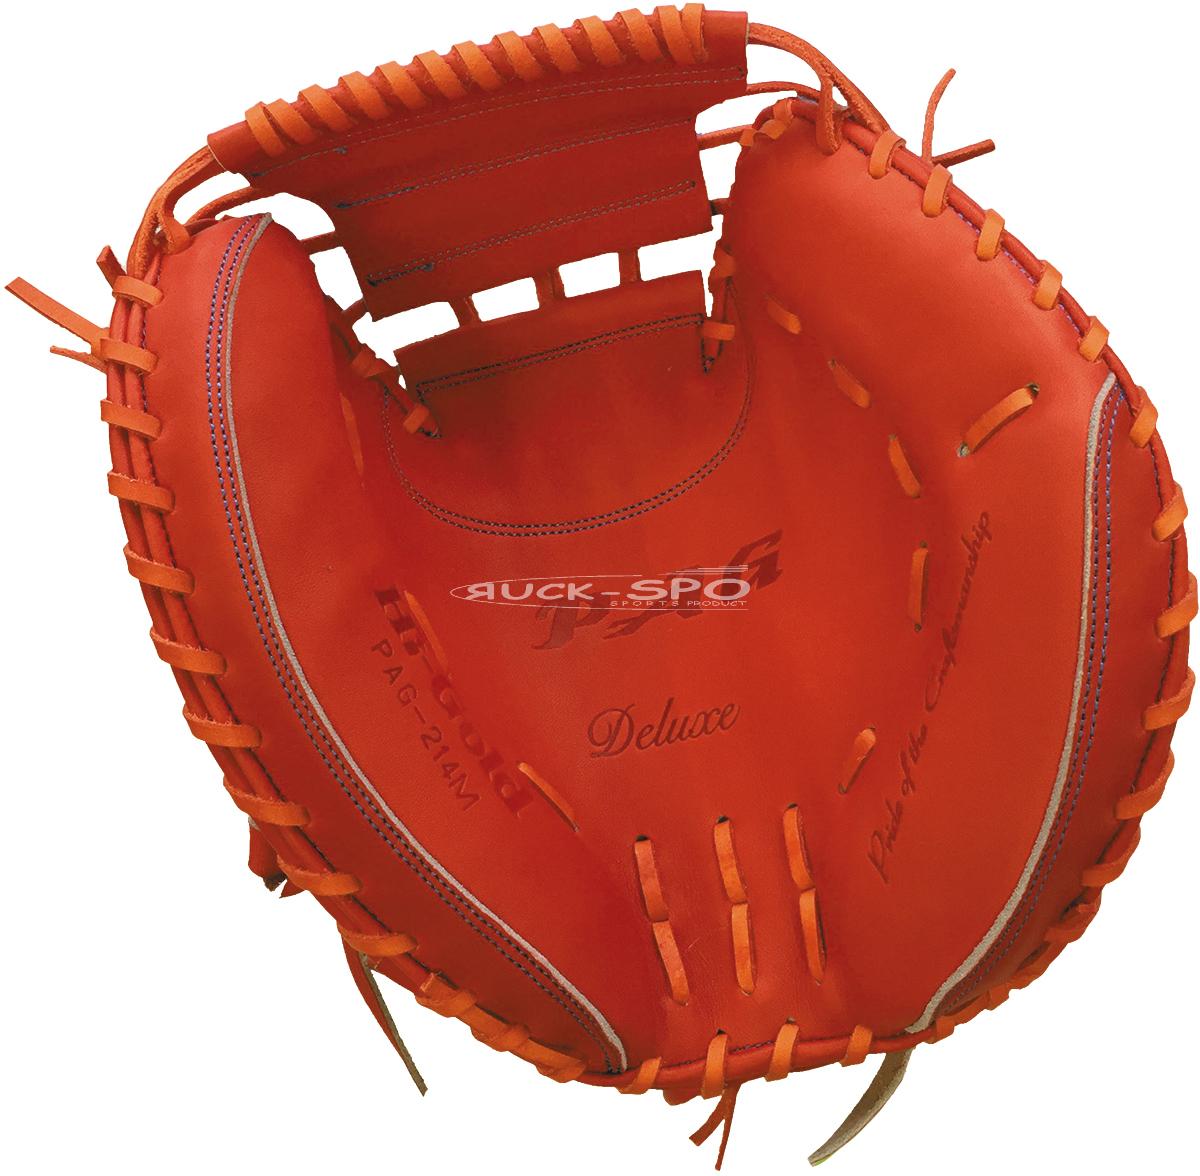 硬式野球ミット ハイゴールド HI-GOLD捕手用 硬式 ミット グローブ オレンジ 橙 高校 野球 学生 PAG-214M オープンバック 送料無料 2019年モデル